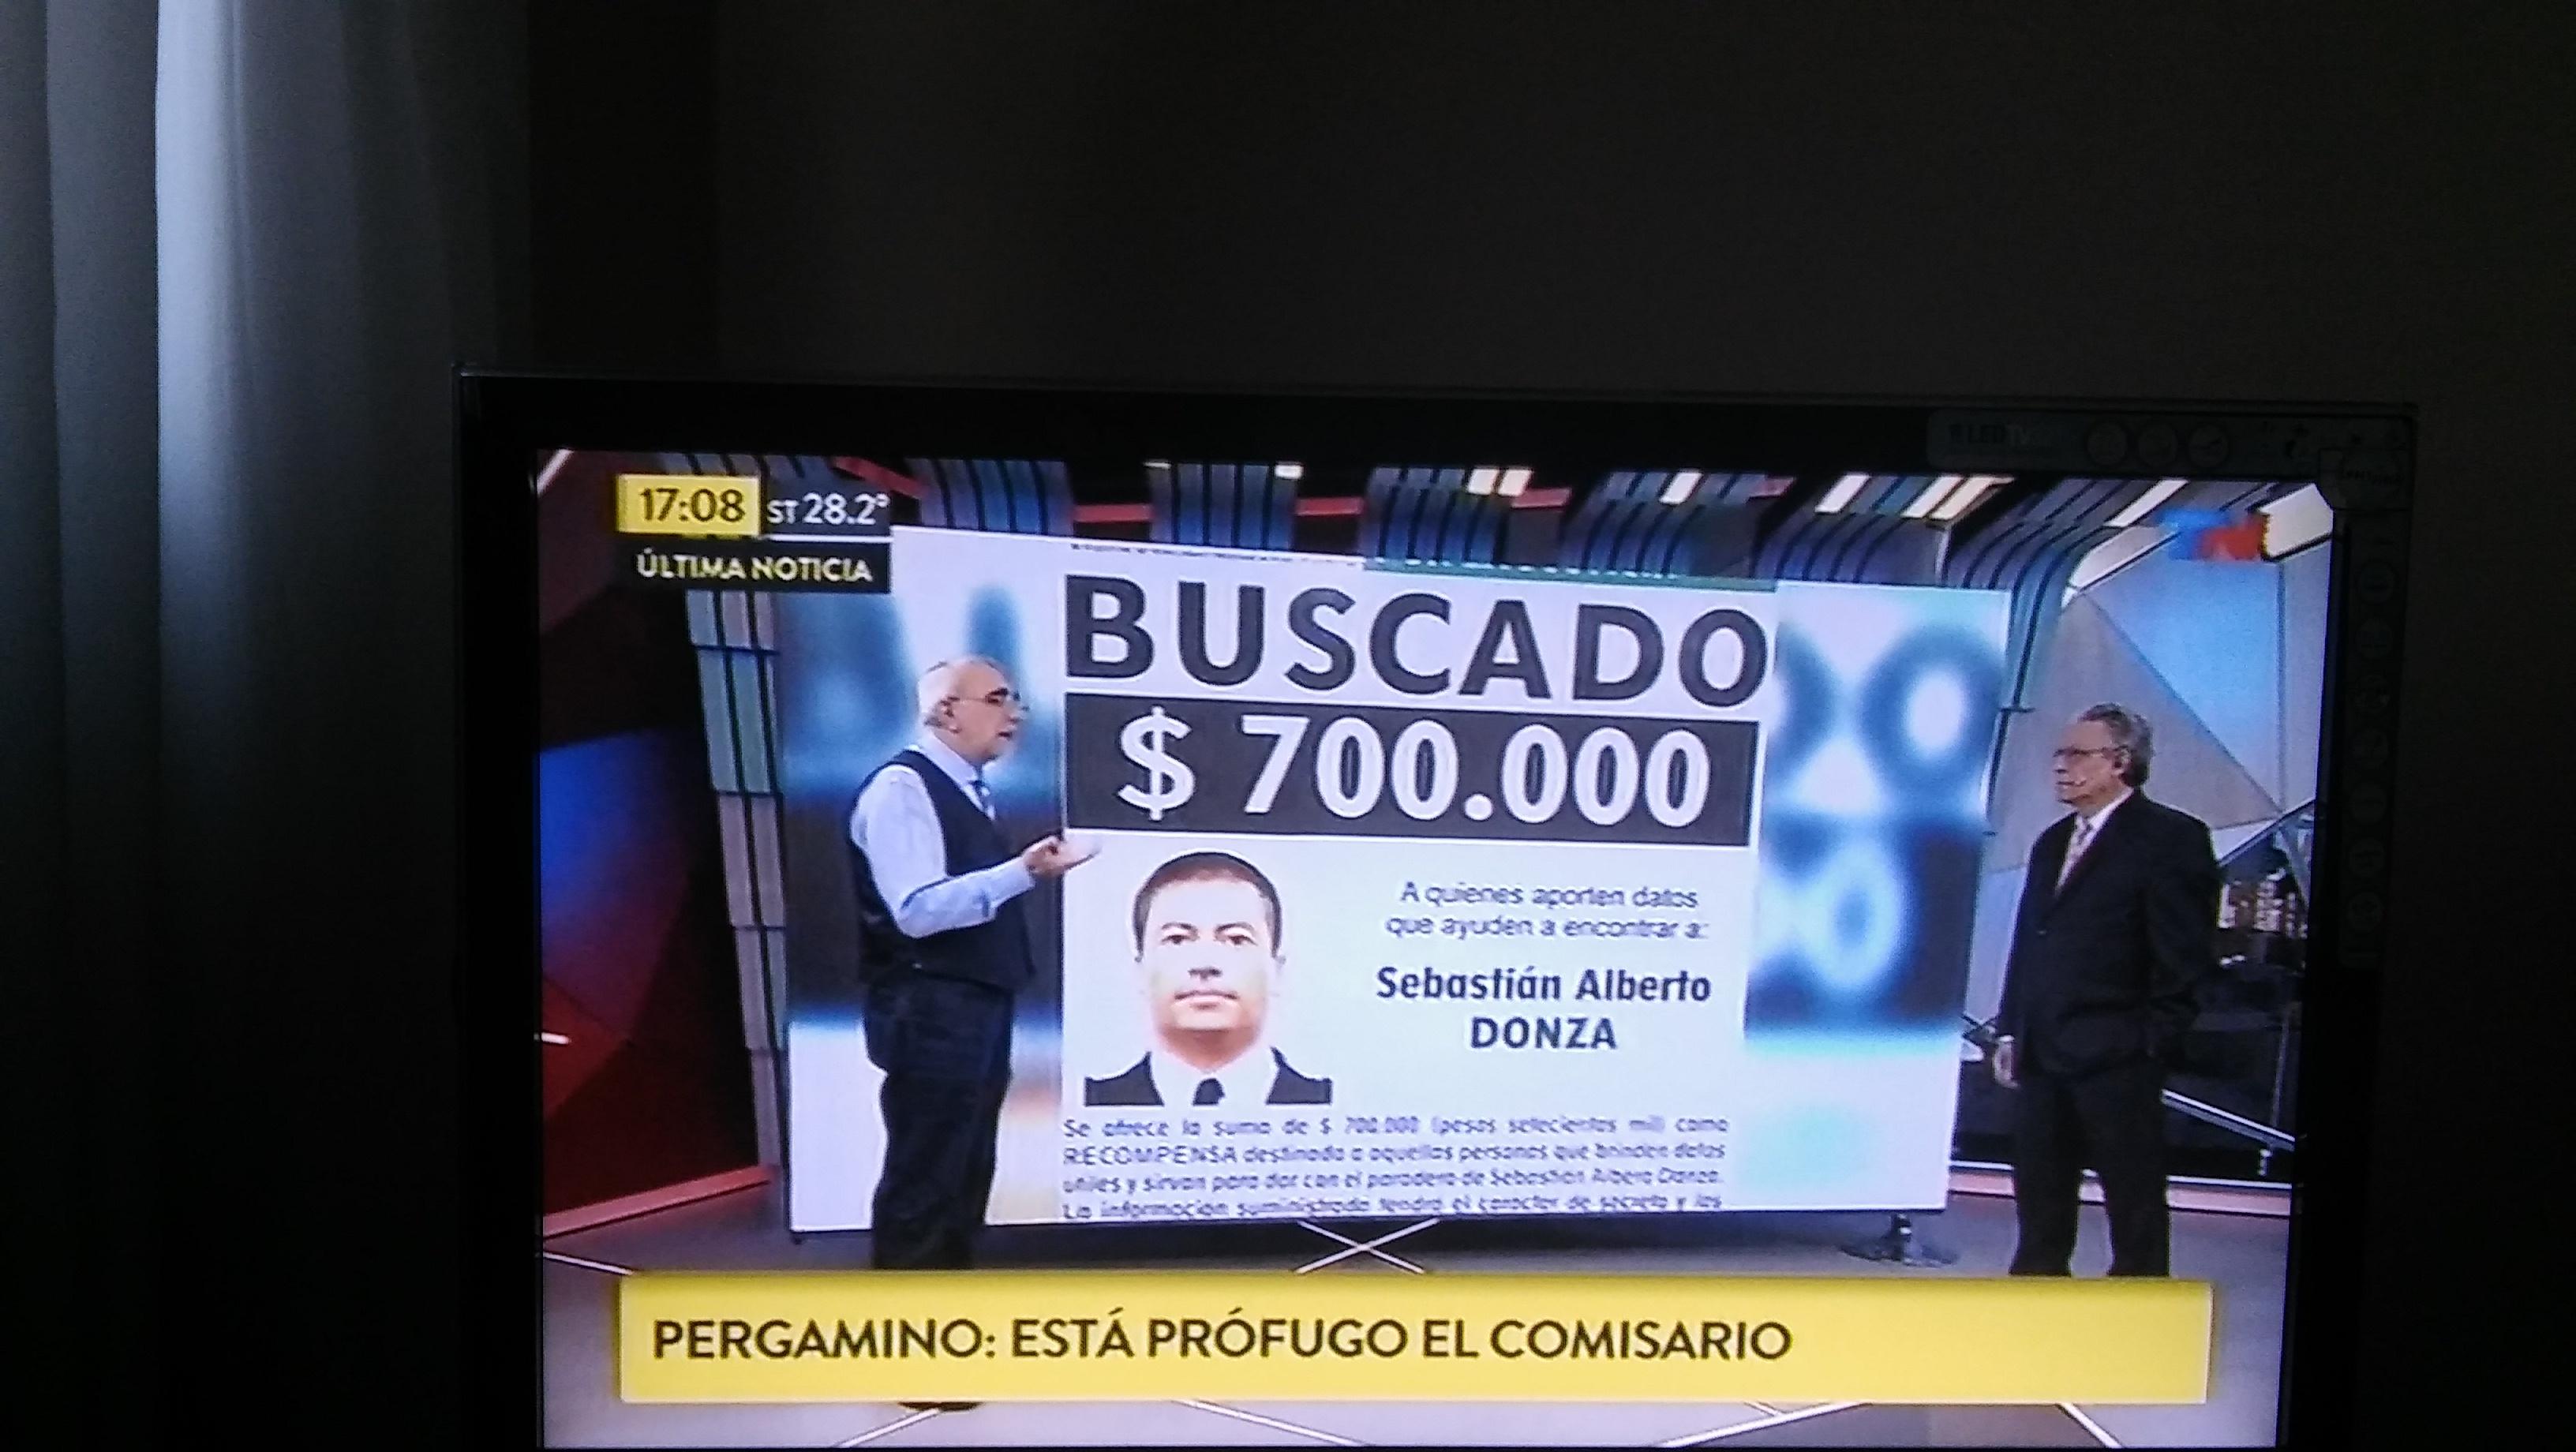 El comisario Sebastián Alberto Donza aún no se entregó ni fue capturado. Y desde este miércoles el Ministerio de Justicia ofrece recompensa por información que lleve a su aprehensión.